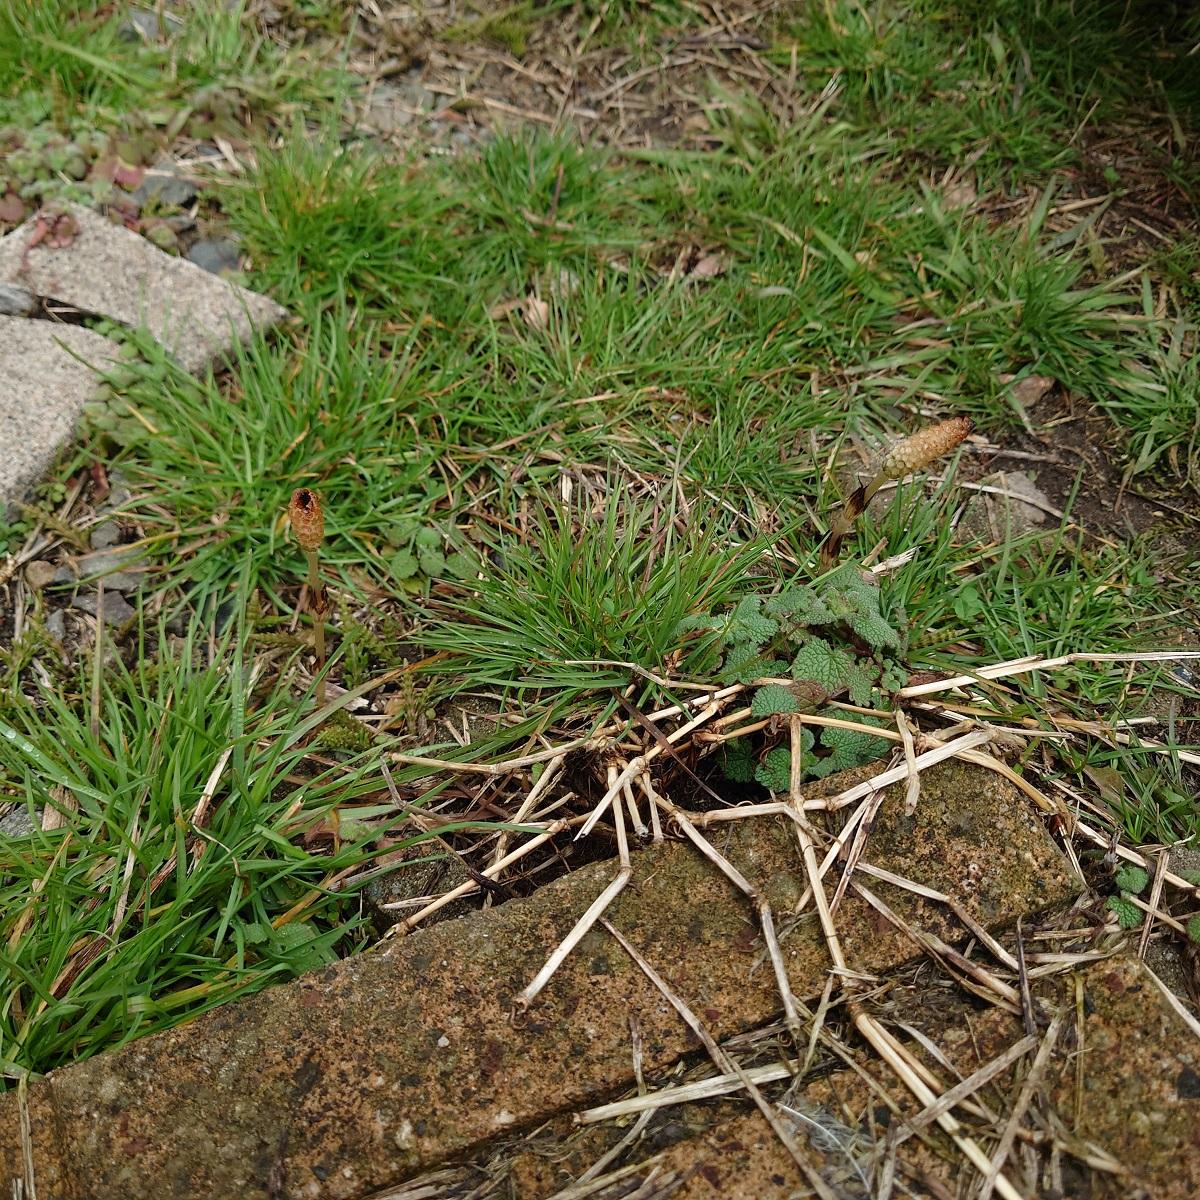 南砺市にも、とっくに春が来ていました。ツクシが伸びていました。